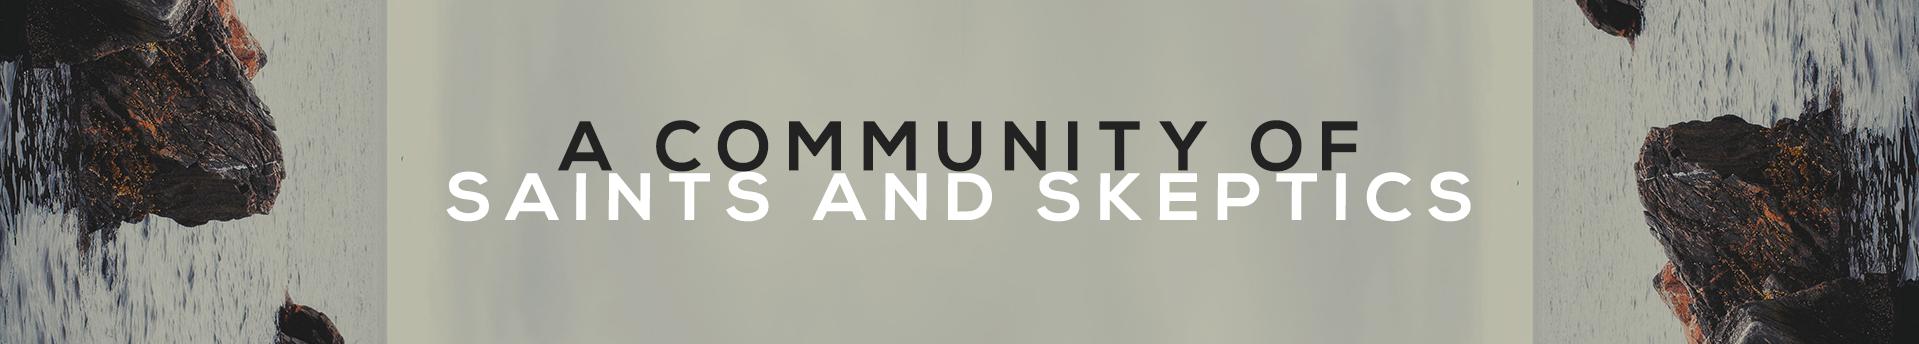 A Community of Saints & Skeptics_1.png